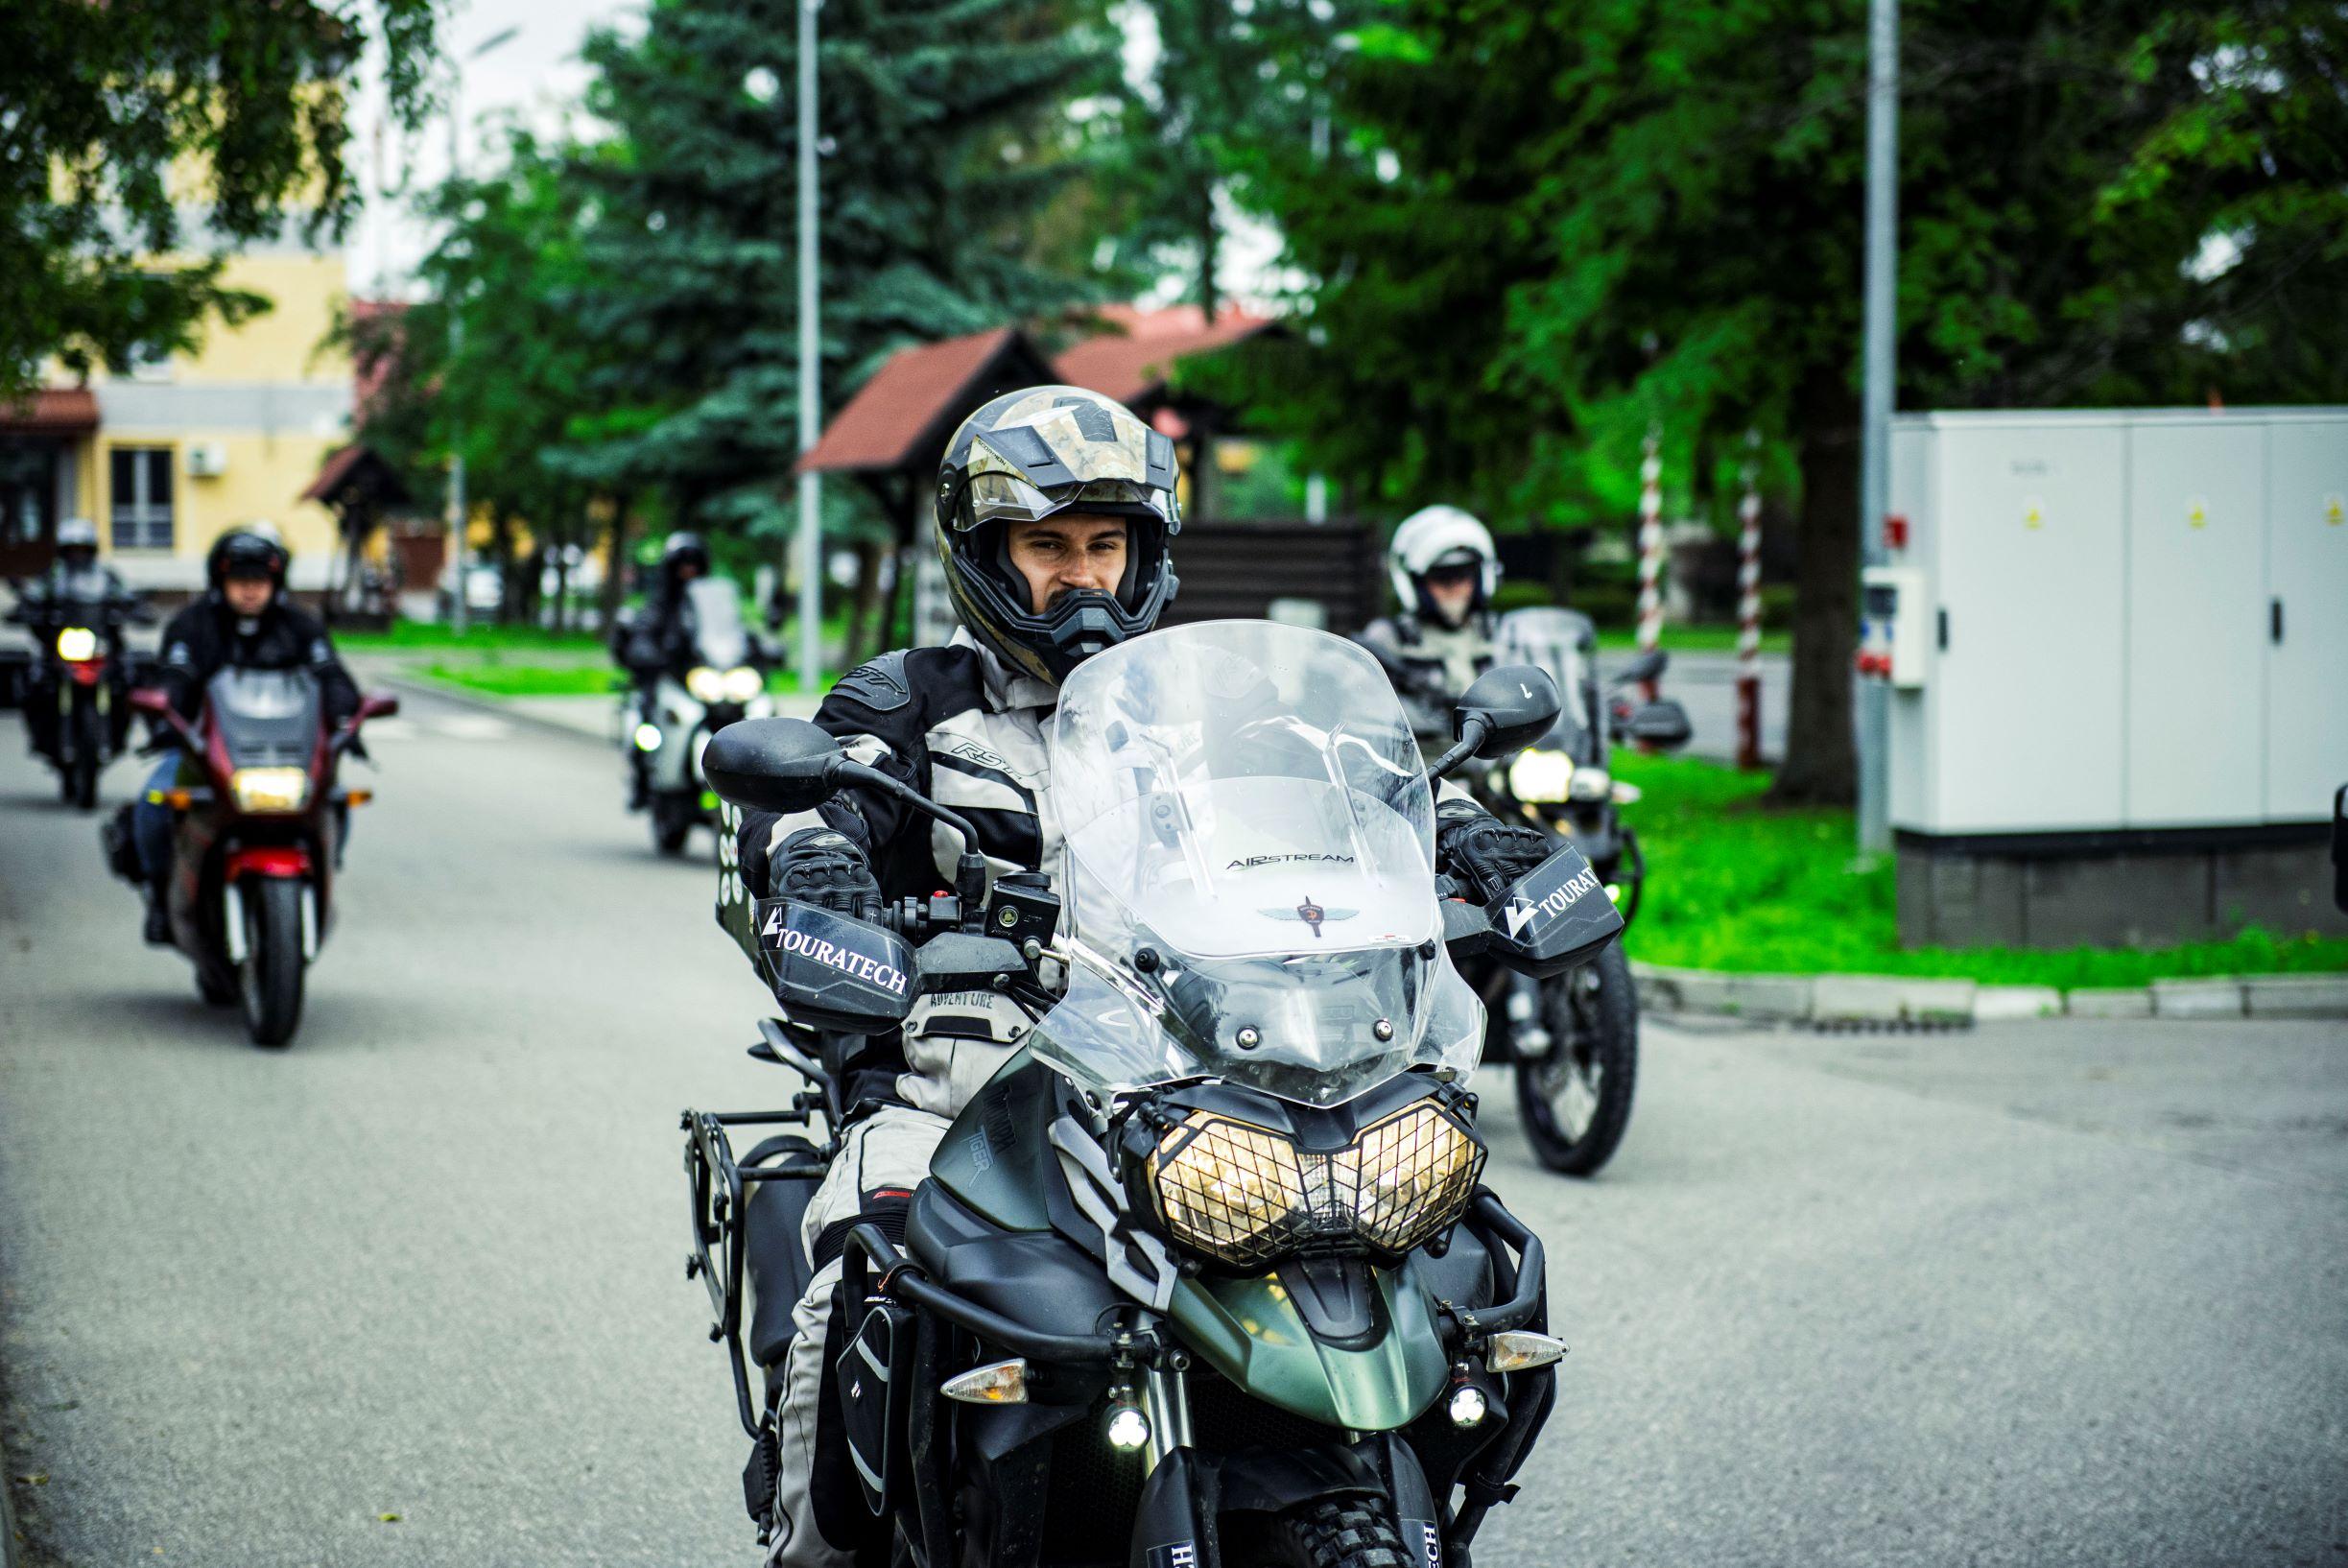 Dzisiaj Terytorialsi wyruszą na rajd motocyklowy weteranów - Zdjęcie główne